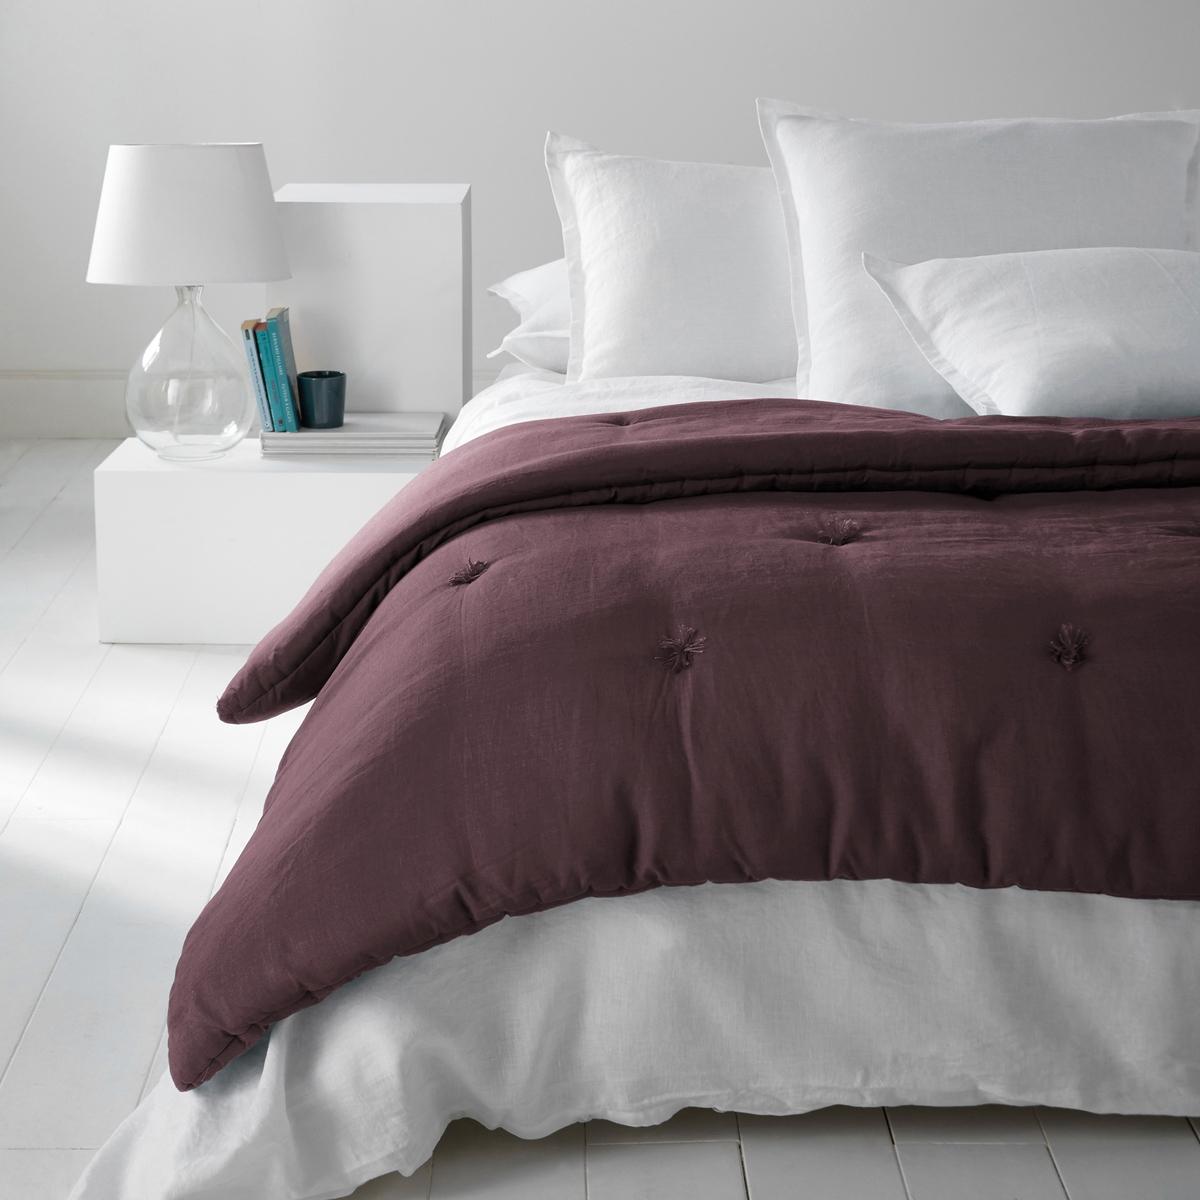 Одеяло из стиранного льна, AbellaХарактеристики одеяла изо льна, Abella :Верх из 100% льна.  Наполнитель из 100% полиэстера (400 г/м?)Стирка при 30°.100% лен : Натуральный, элегантный и аутентичный материал, с легким жатым эффектом. Мягкий струящийся материал - легкий летом и теплый зимой - становится еще мягче и красивее со временем.Другие наши изделия из льна ищите на сайте laredoute.ruРазмер на выбор :90 x 150 см90 x 190 см150 x 150 см<br><br>Цвет: бледный сине-зеленый,серо-бежевый,фиолетовый